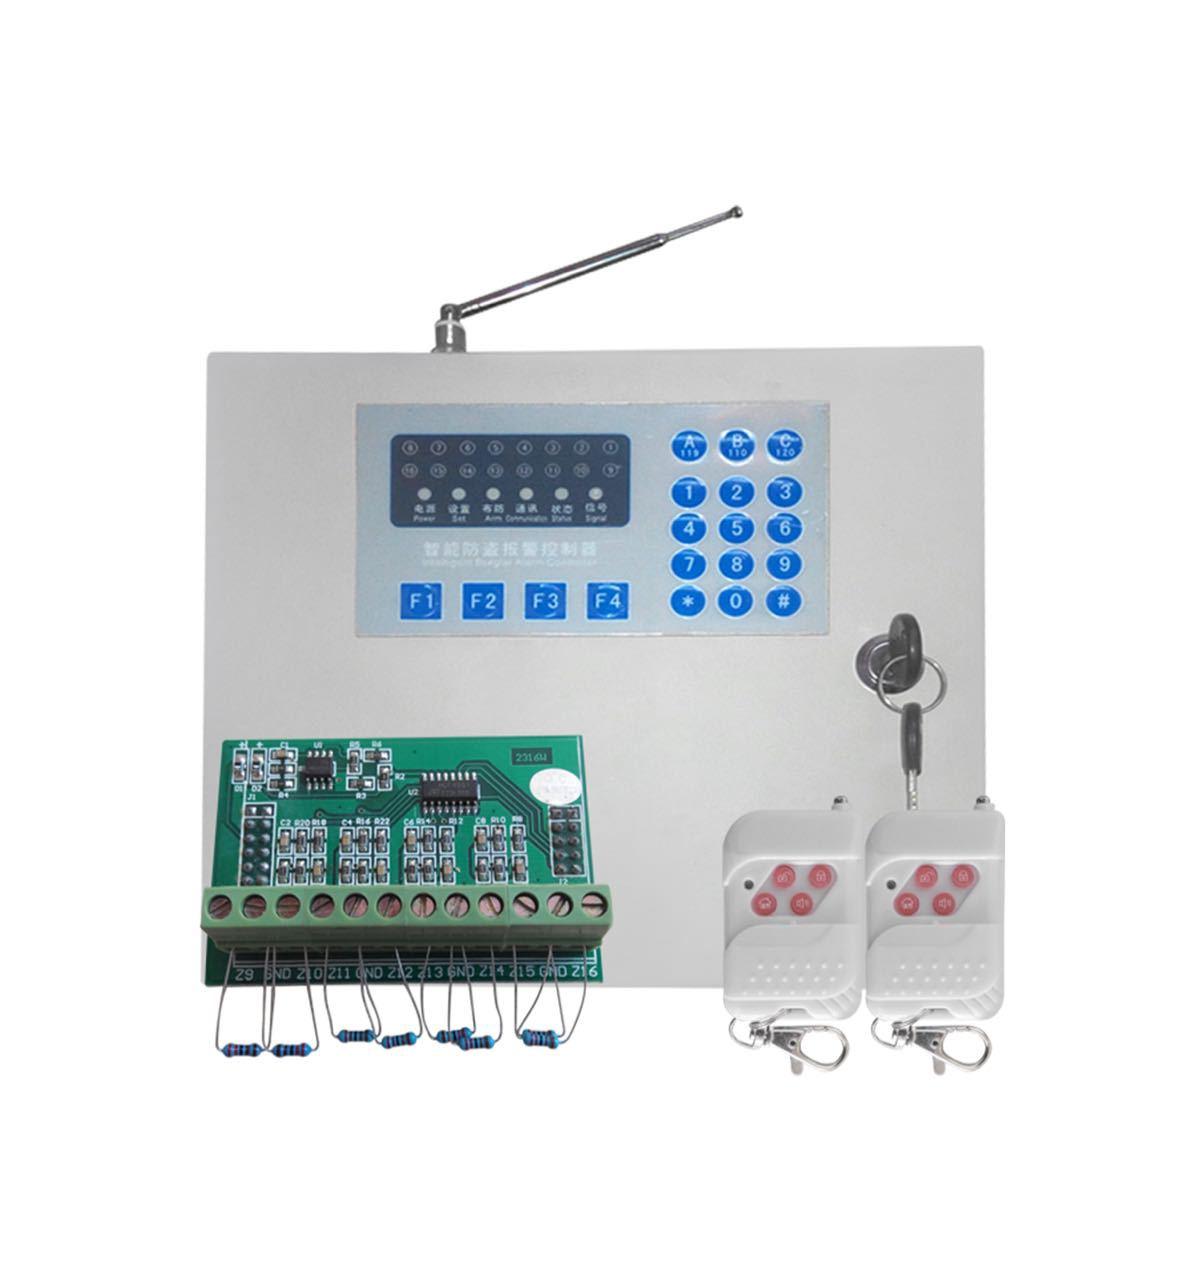 Gantch Thiết bị báo cháy máy chủ lưu trữ báo động tương thích có dây